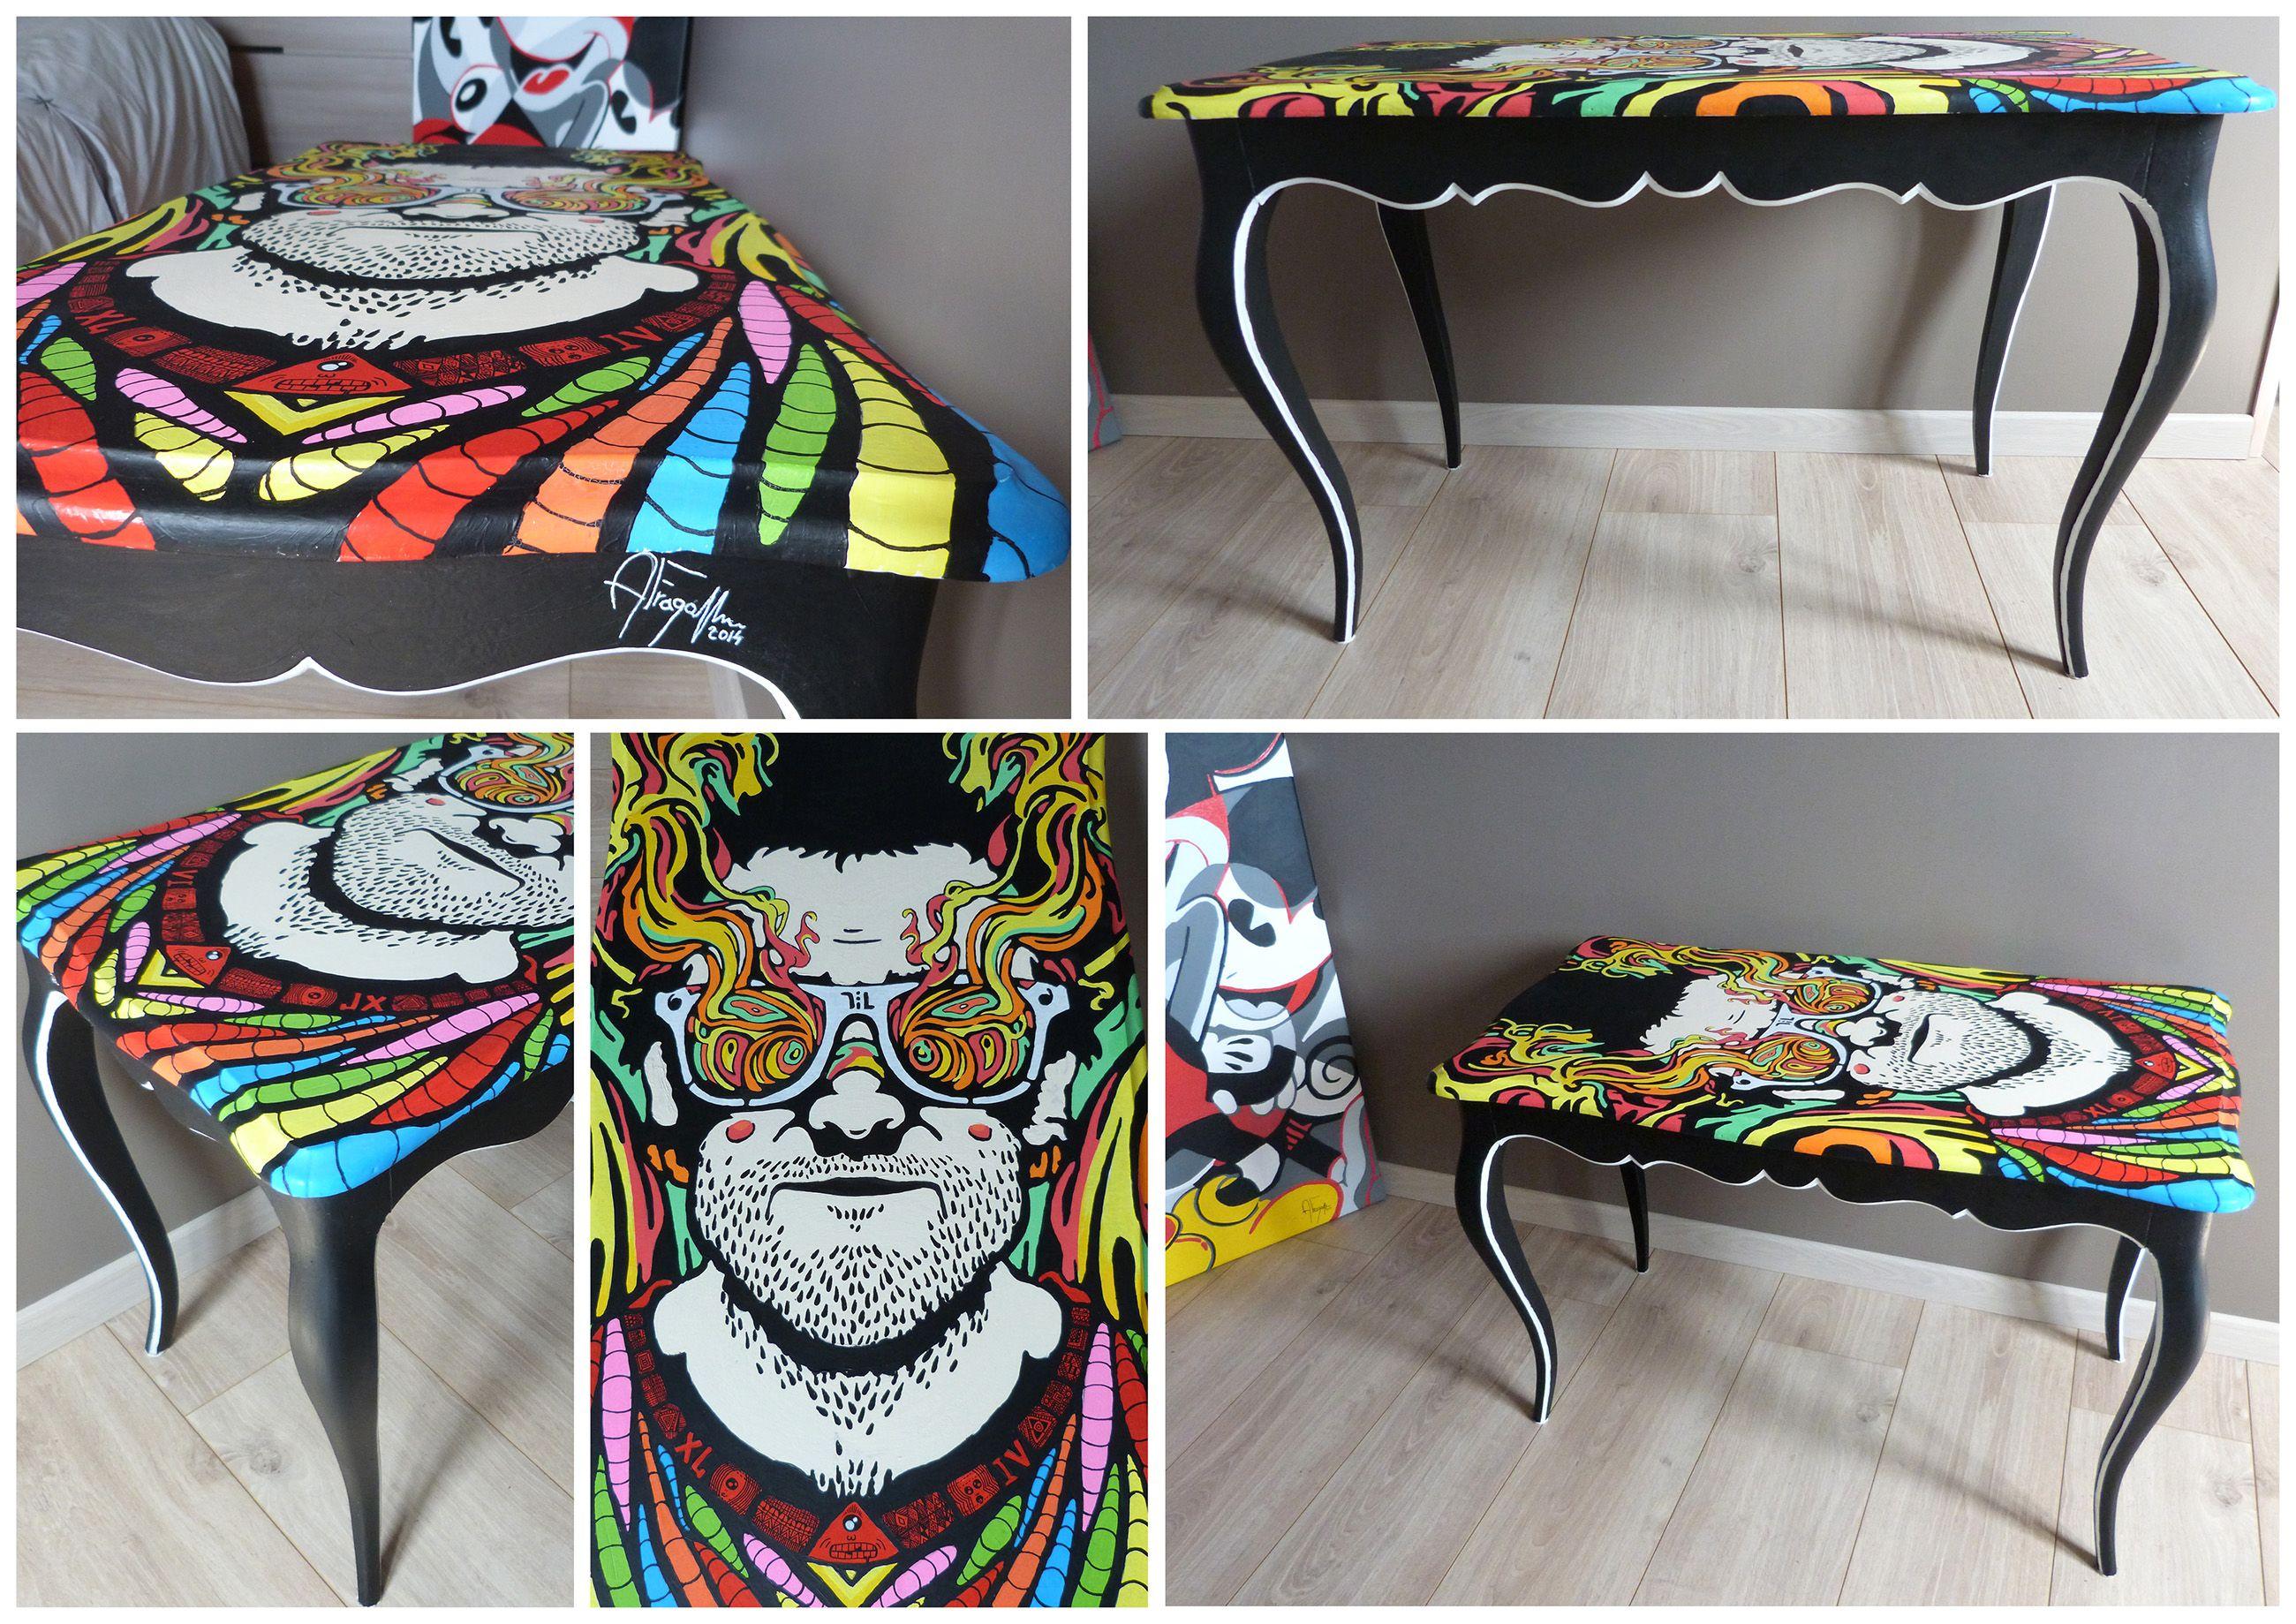 Table Basse Vintage Art Visionnaire Le Redesign De Tables Consiste A Peindre Une Table Pour Lui Redonner Vie Et En Tables Peintes Table Basse Peinte Peinture